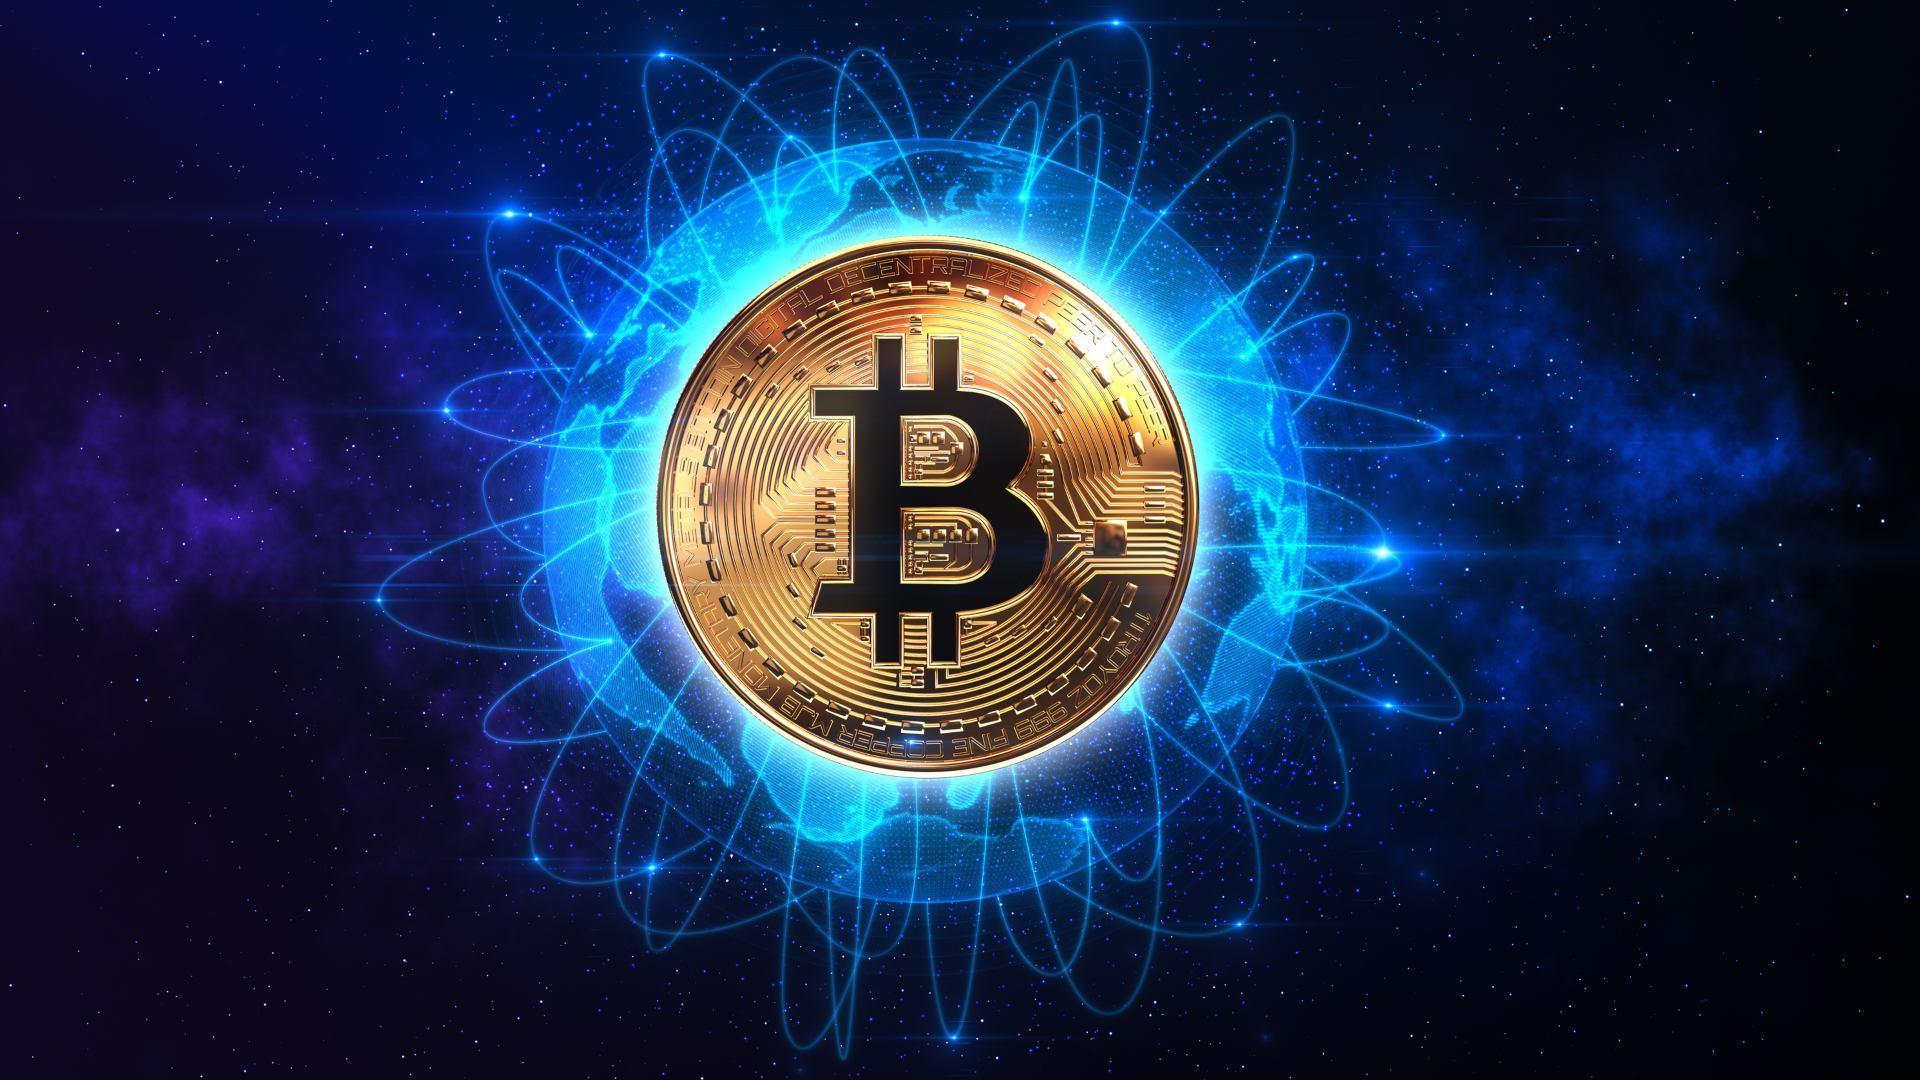 Bitcoin đang nhắm tới đỉnh cao mới mọi thời đại trong khi vắng bóng sự cường điệu hóa của truyền thông